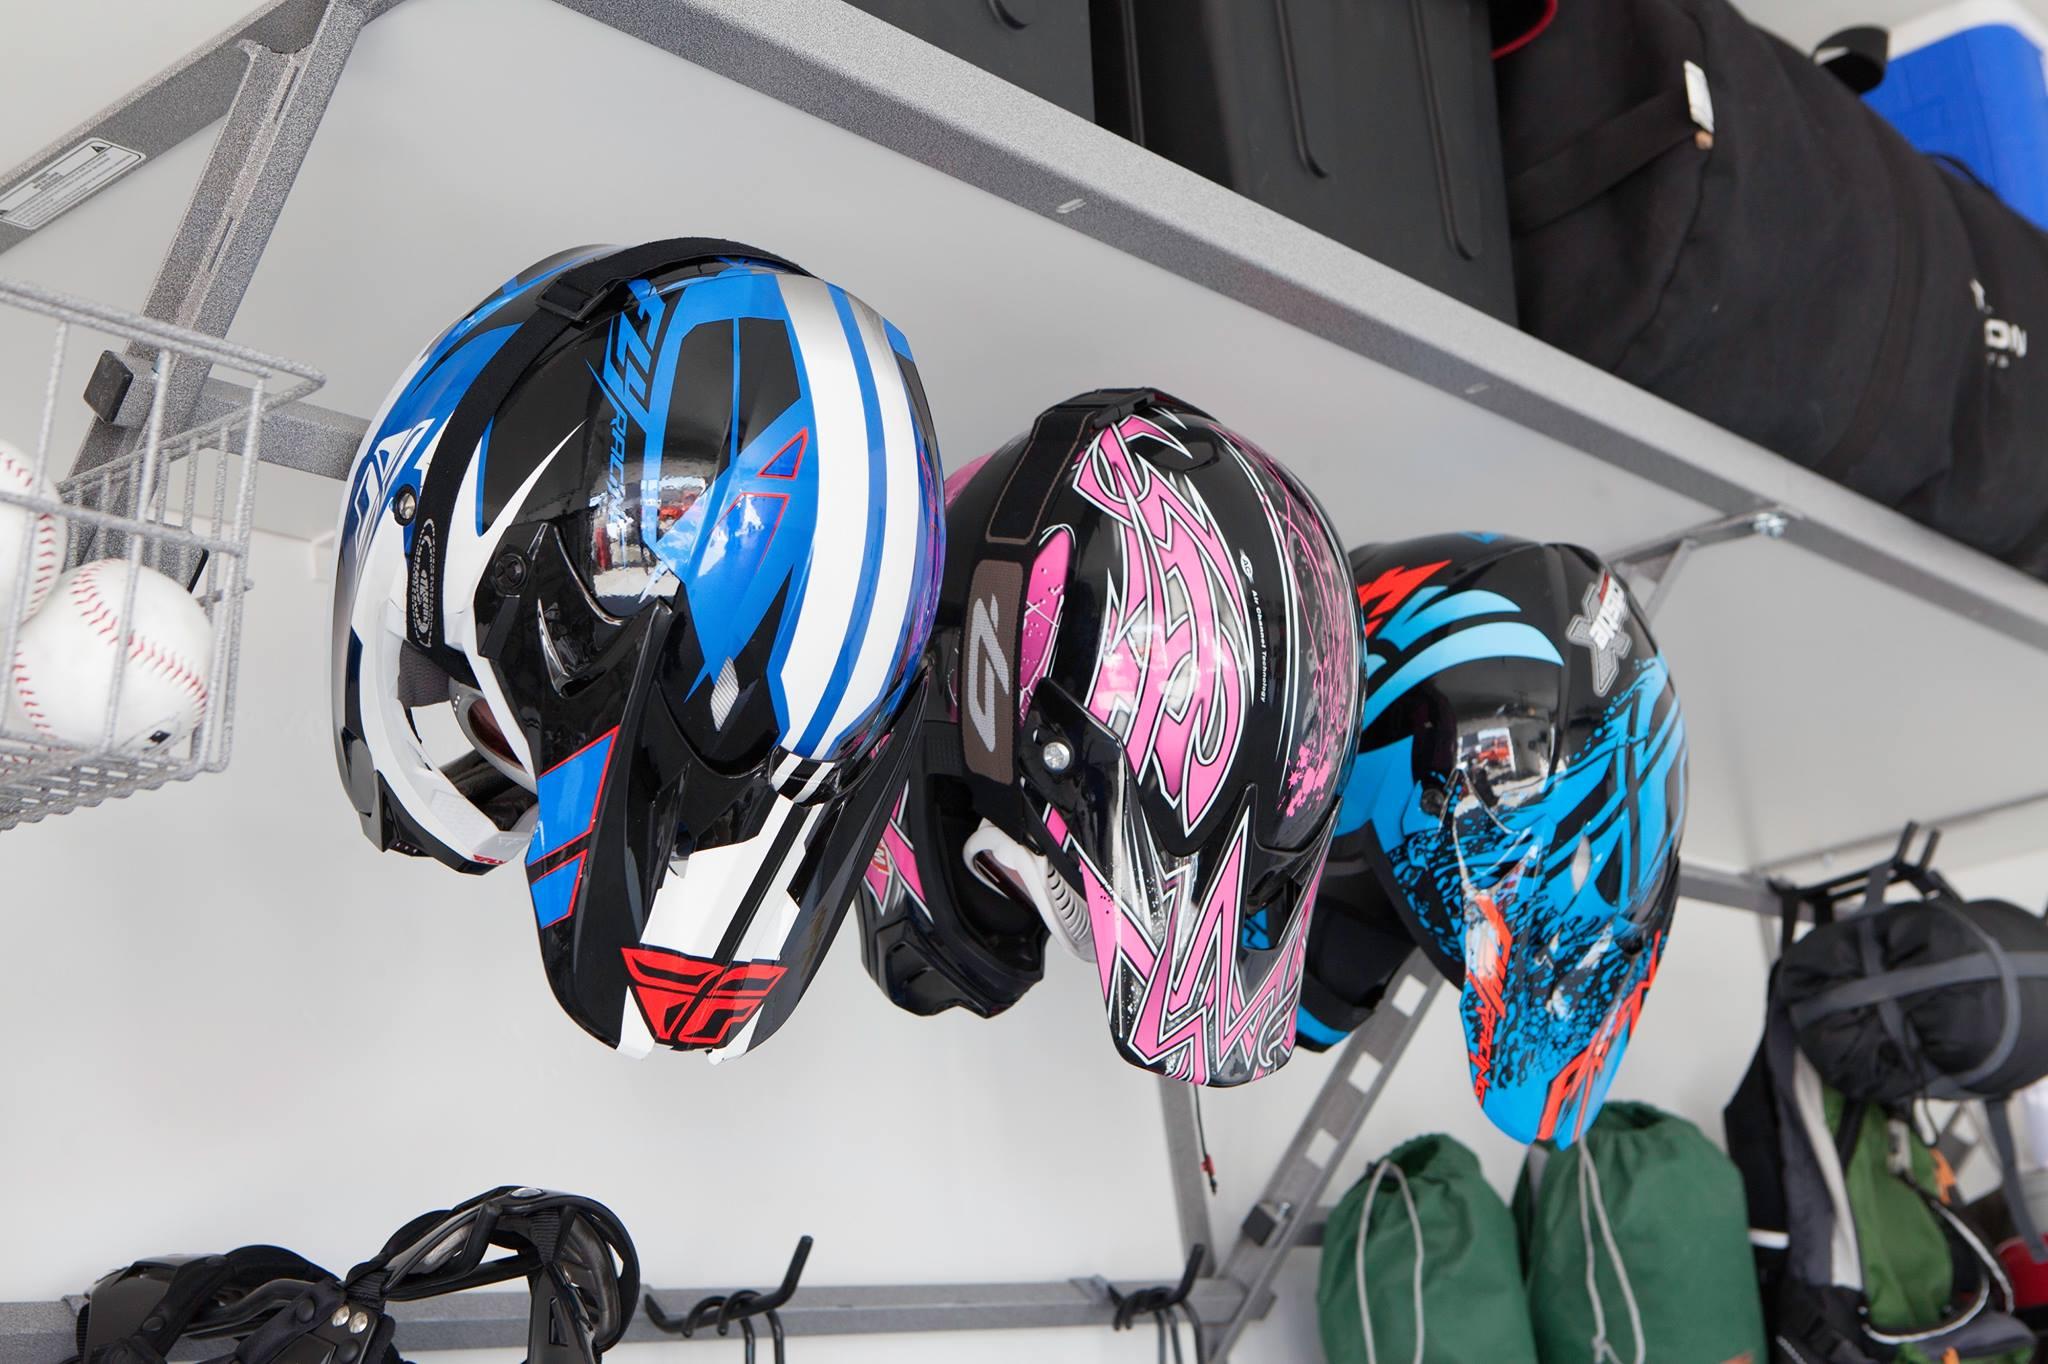 bicycle helmets on rack.jpg